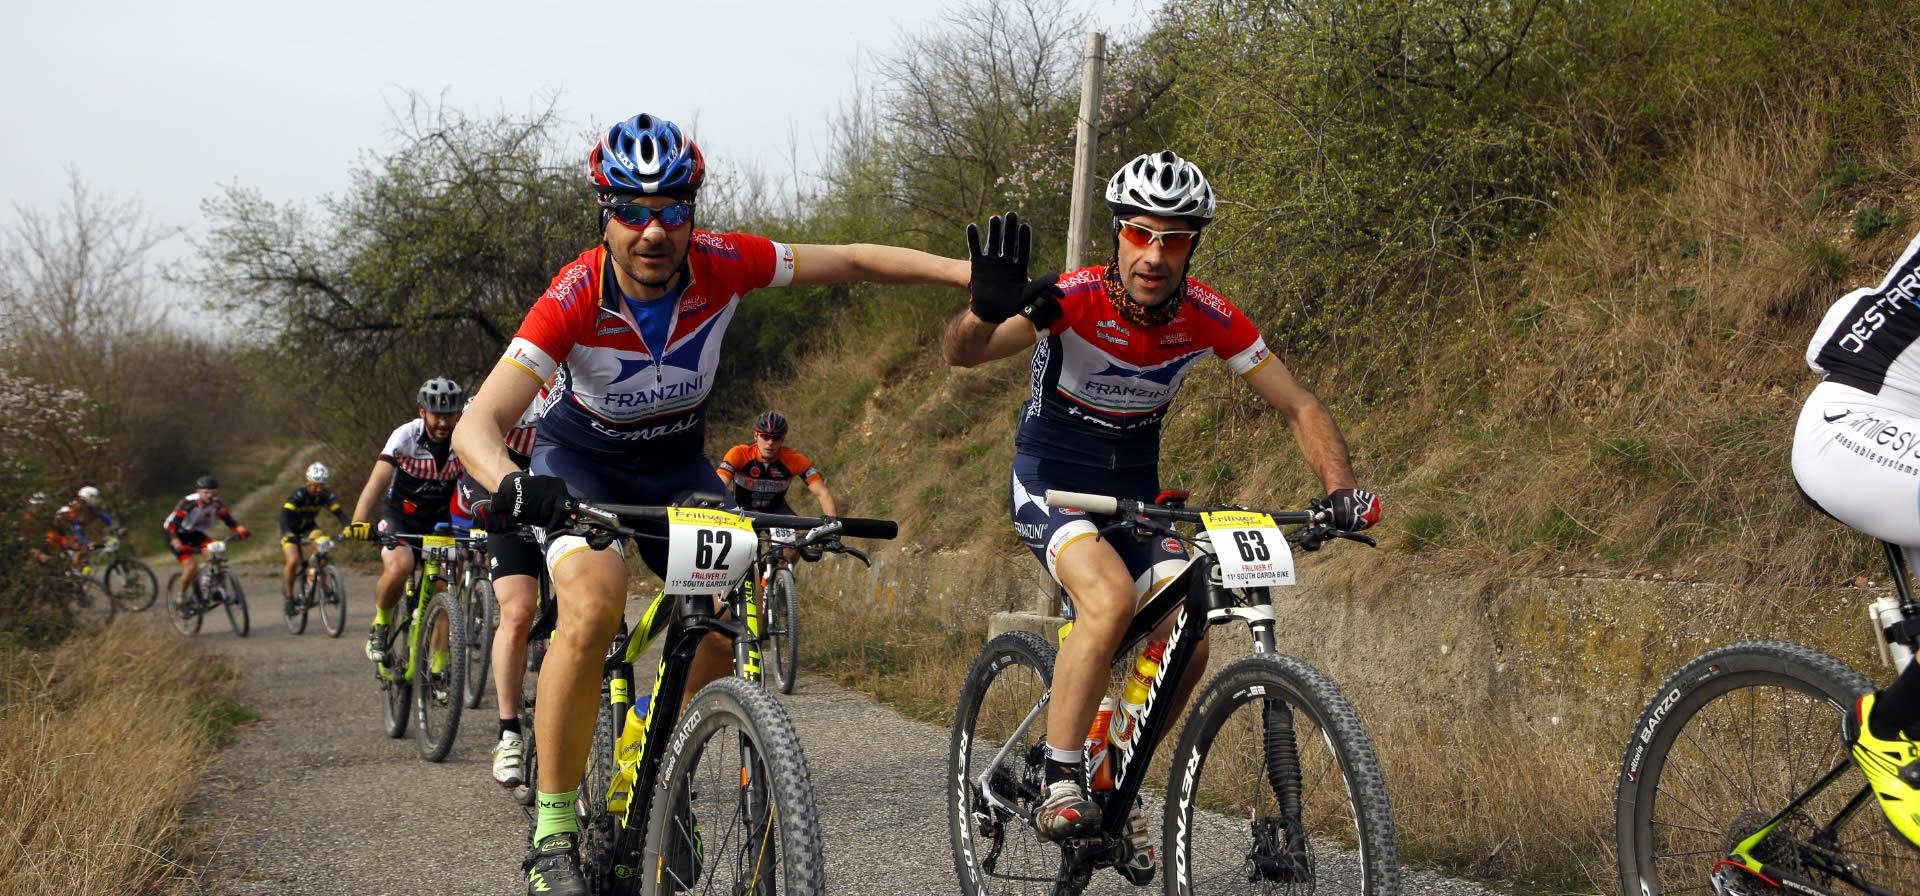 Gran Fondo South Garda Bike Colline Moreniche